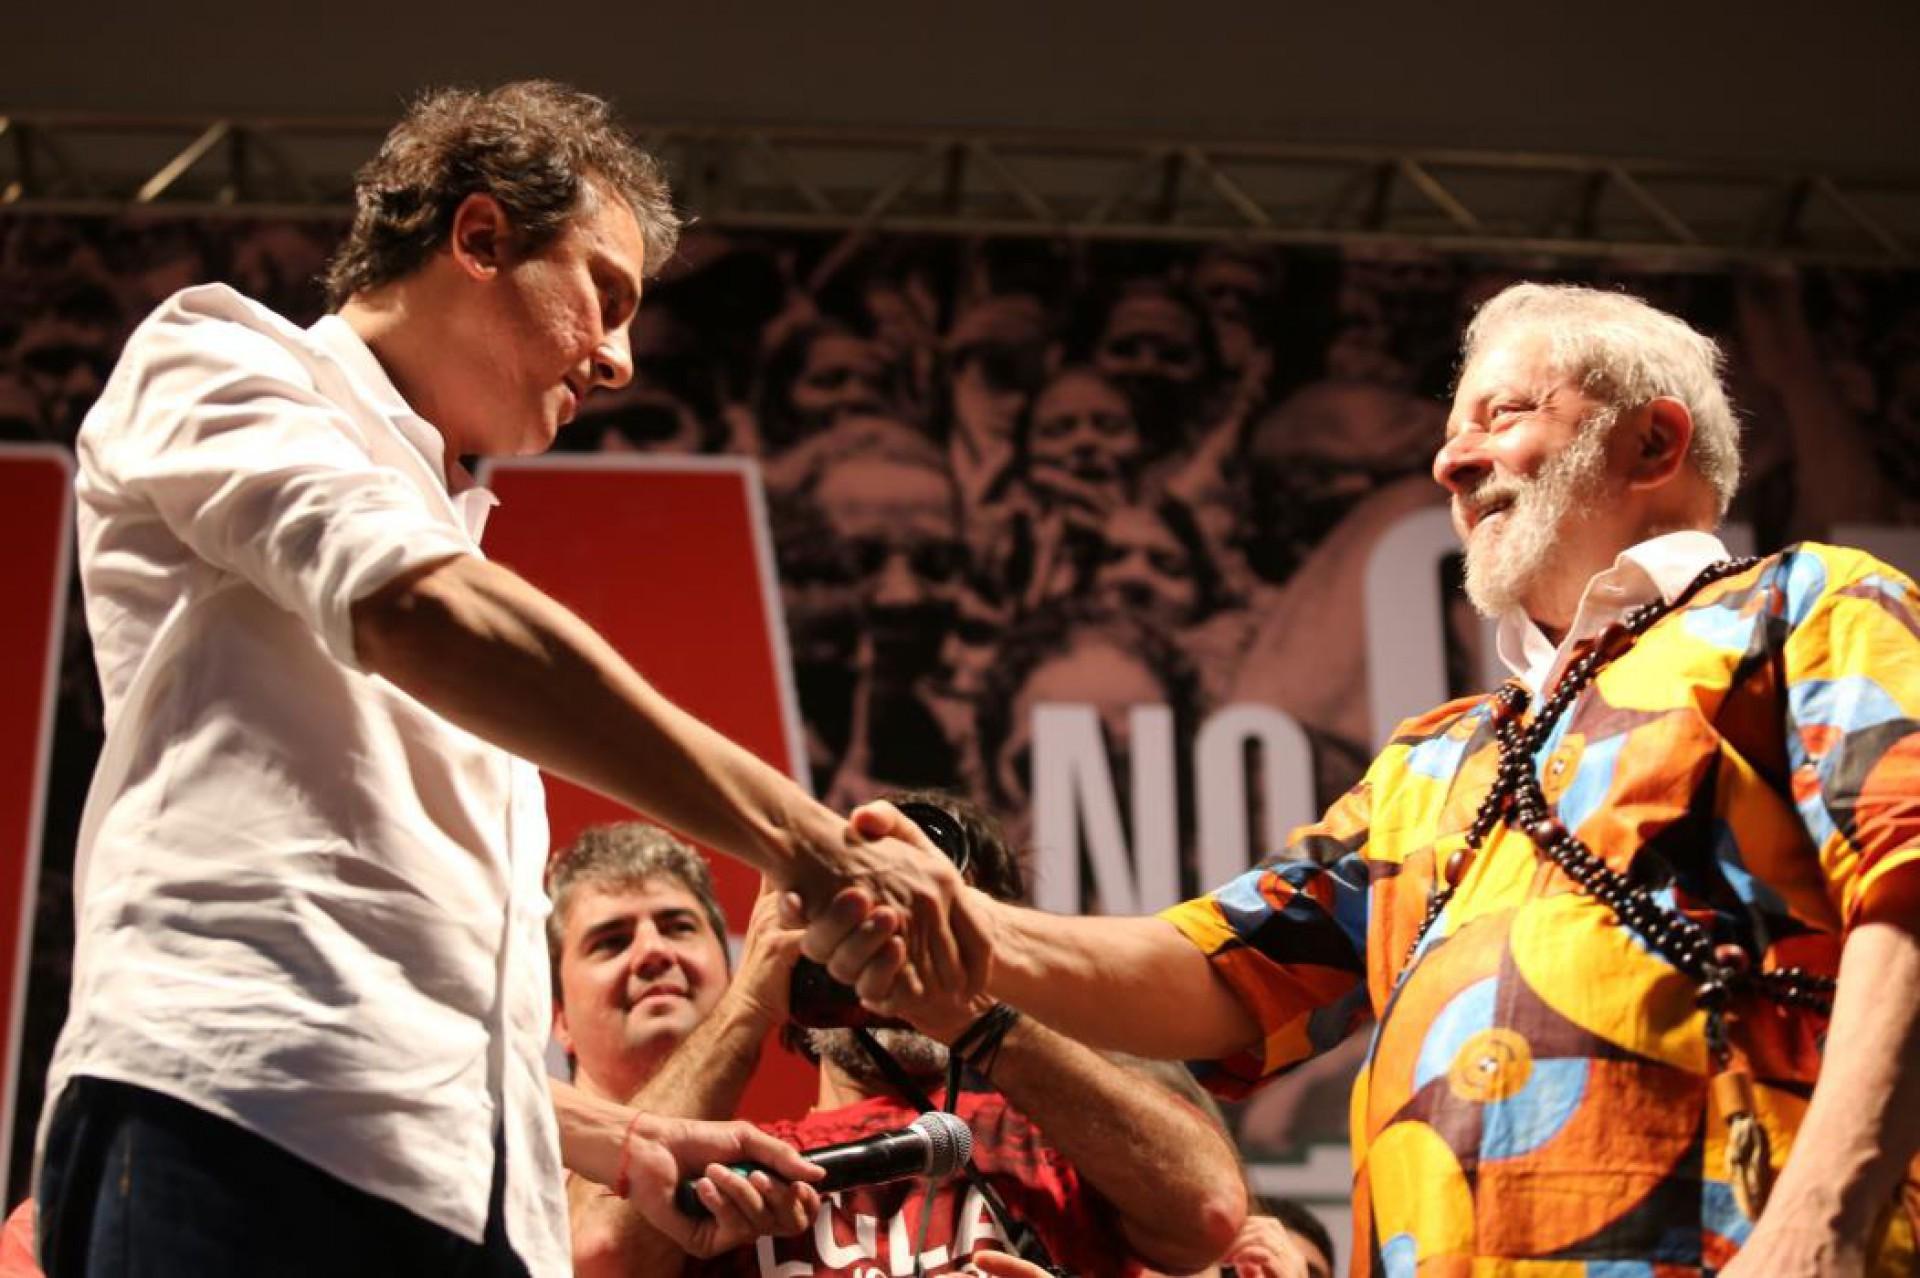 Camilo Santana e Lula: apoio dividido com Ciro Gomes